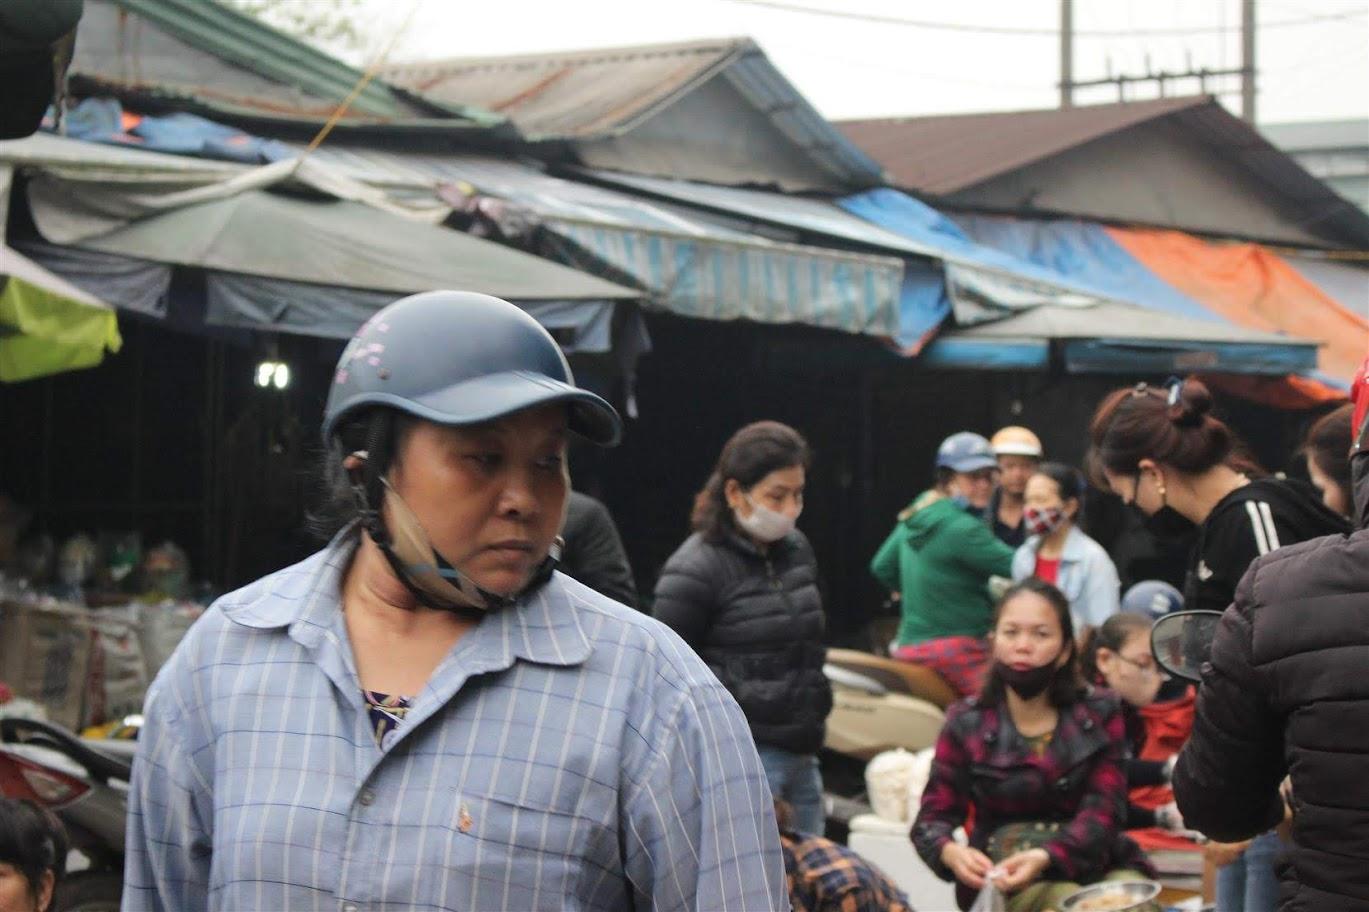 Đa số người dân không đeo khẩu trang đều lý giải, do vội vàng hoặc không biết quy định từ ngày 16/3 là thực hiện bắt buộc đeo khẩu trang trong toàn dân..